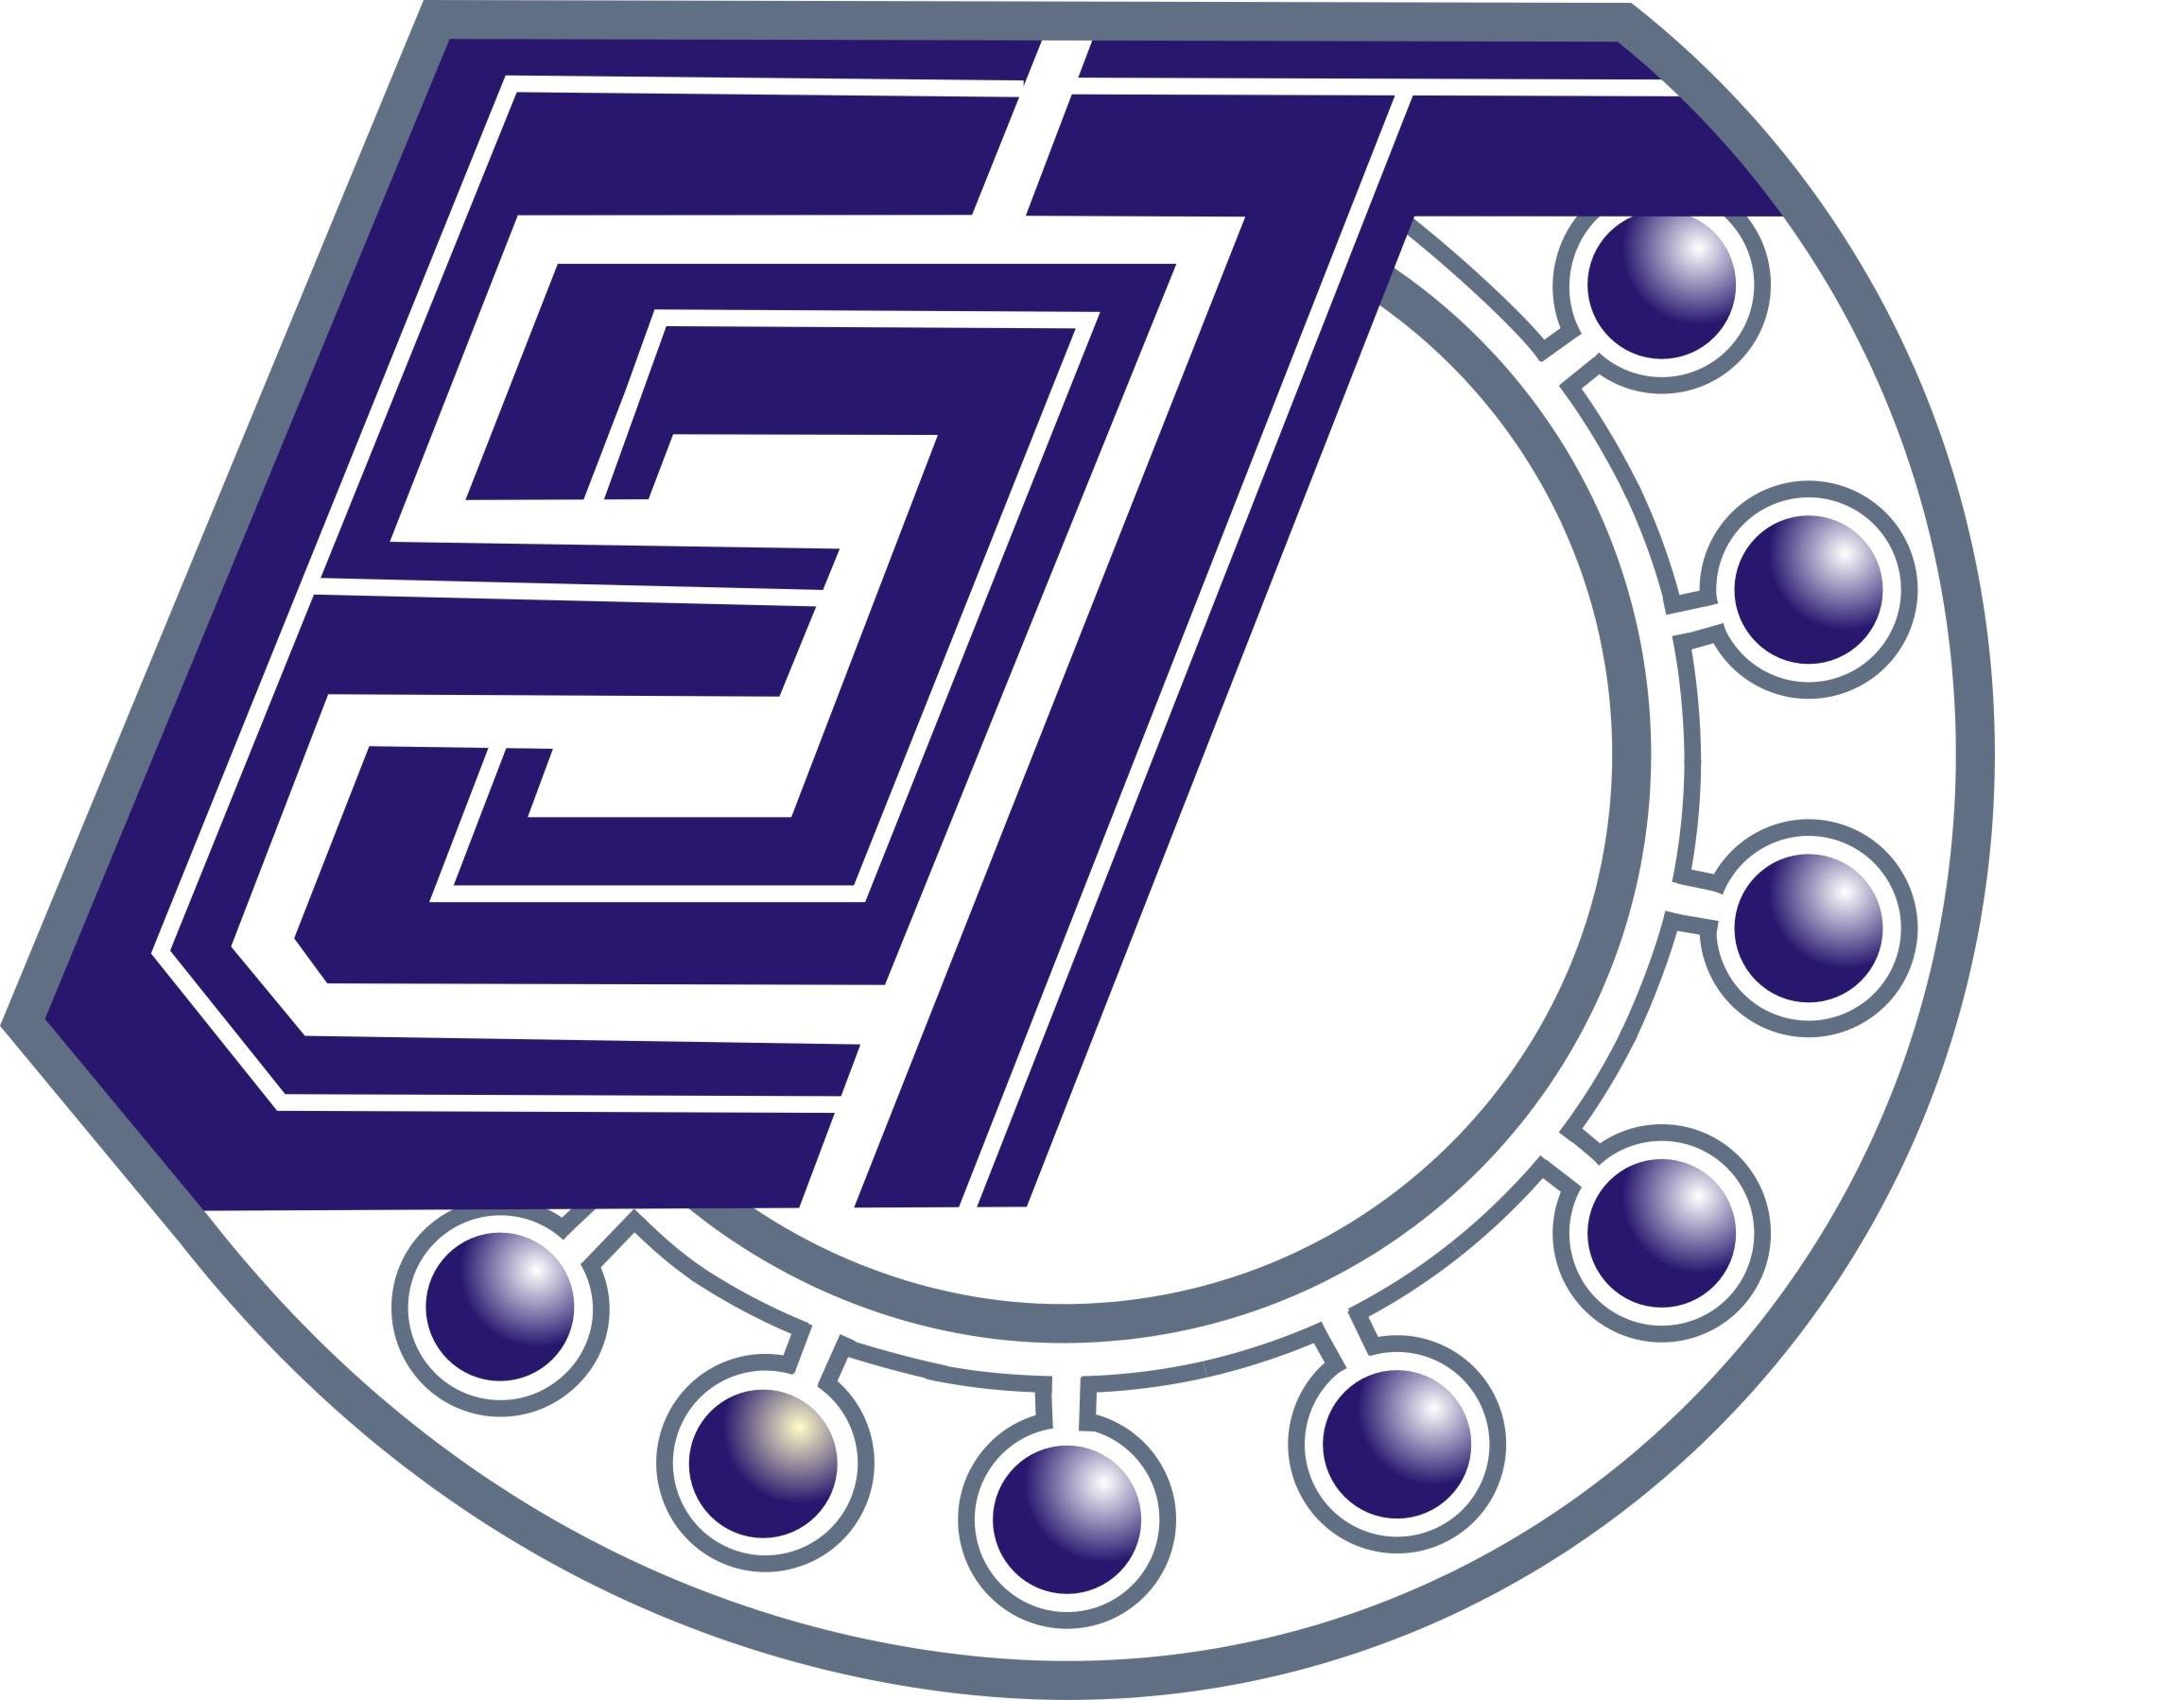 logo logo 标志 设计 矢量 矢量图 素材 图标 2310_1798